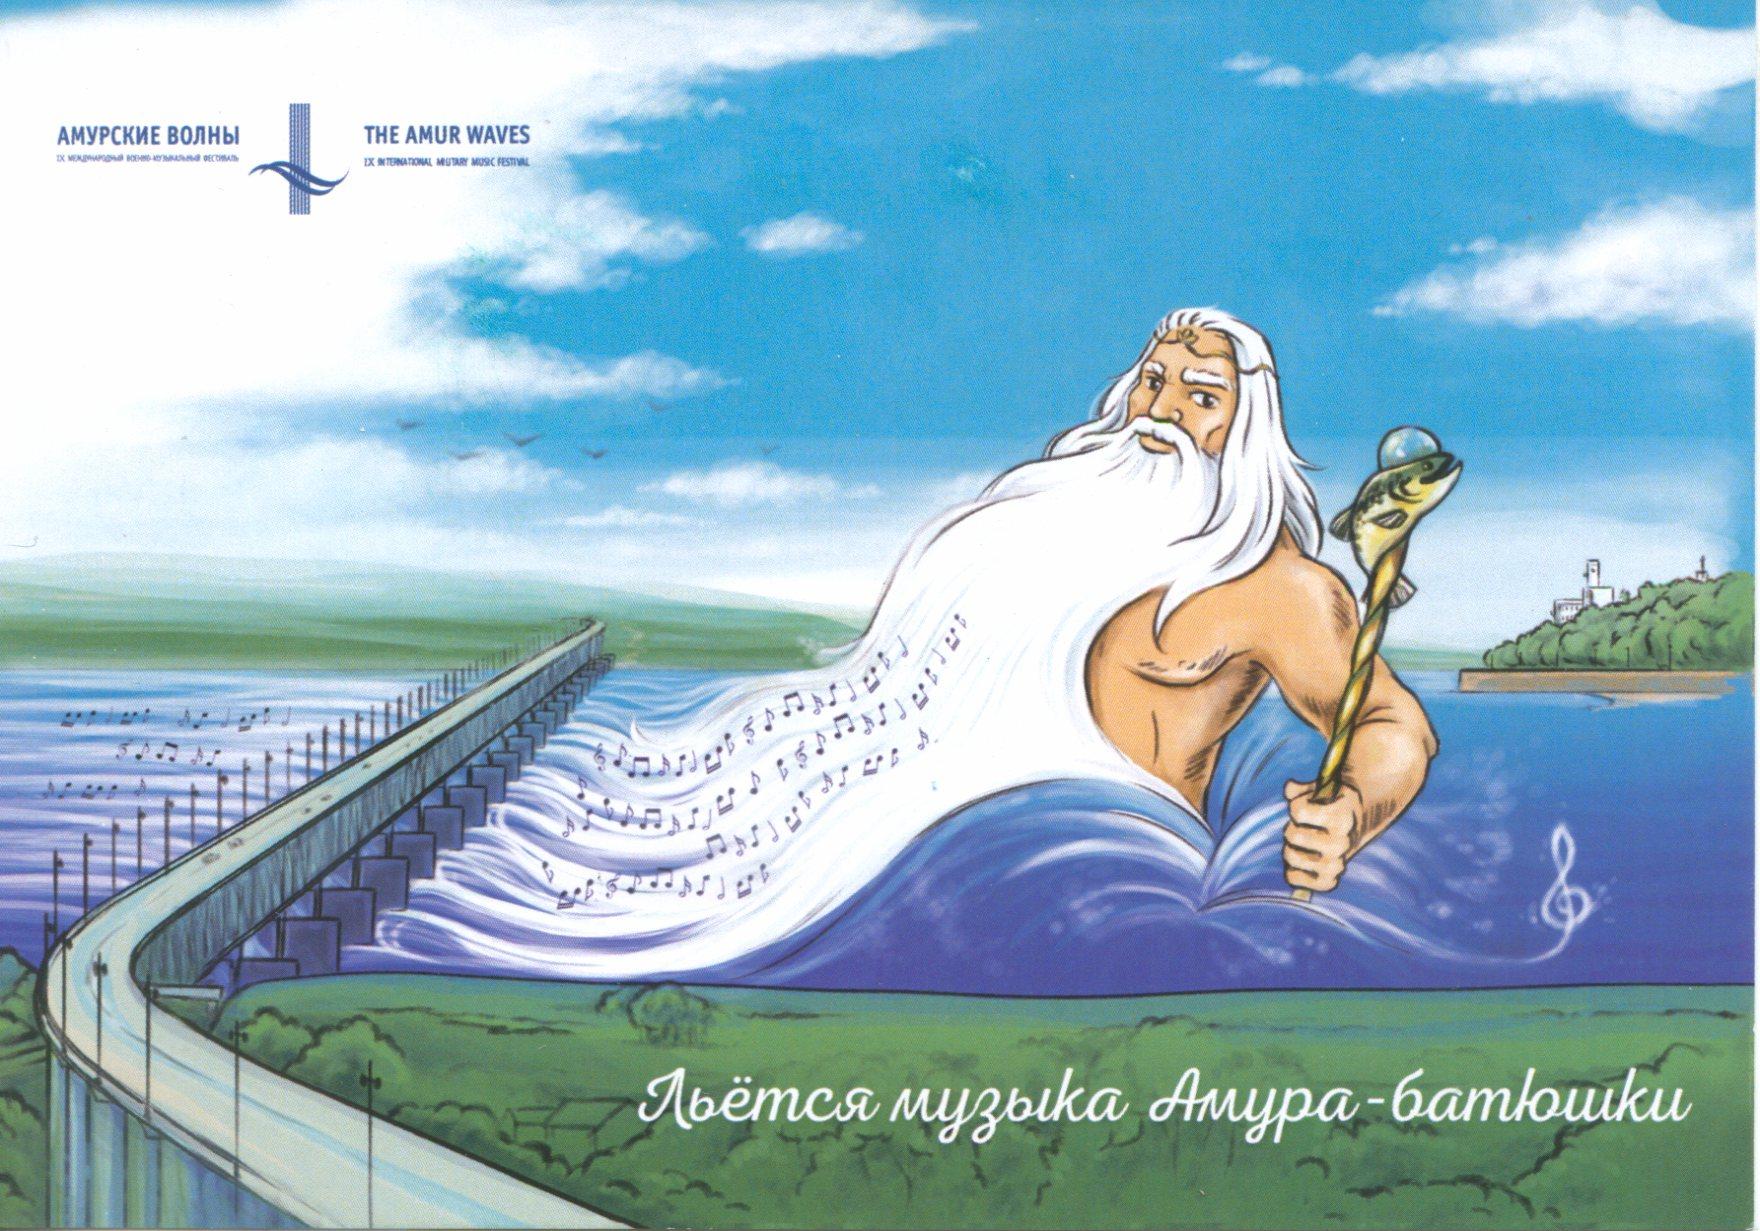 otkrytka-festivalya-amurskie-volny-min